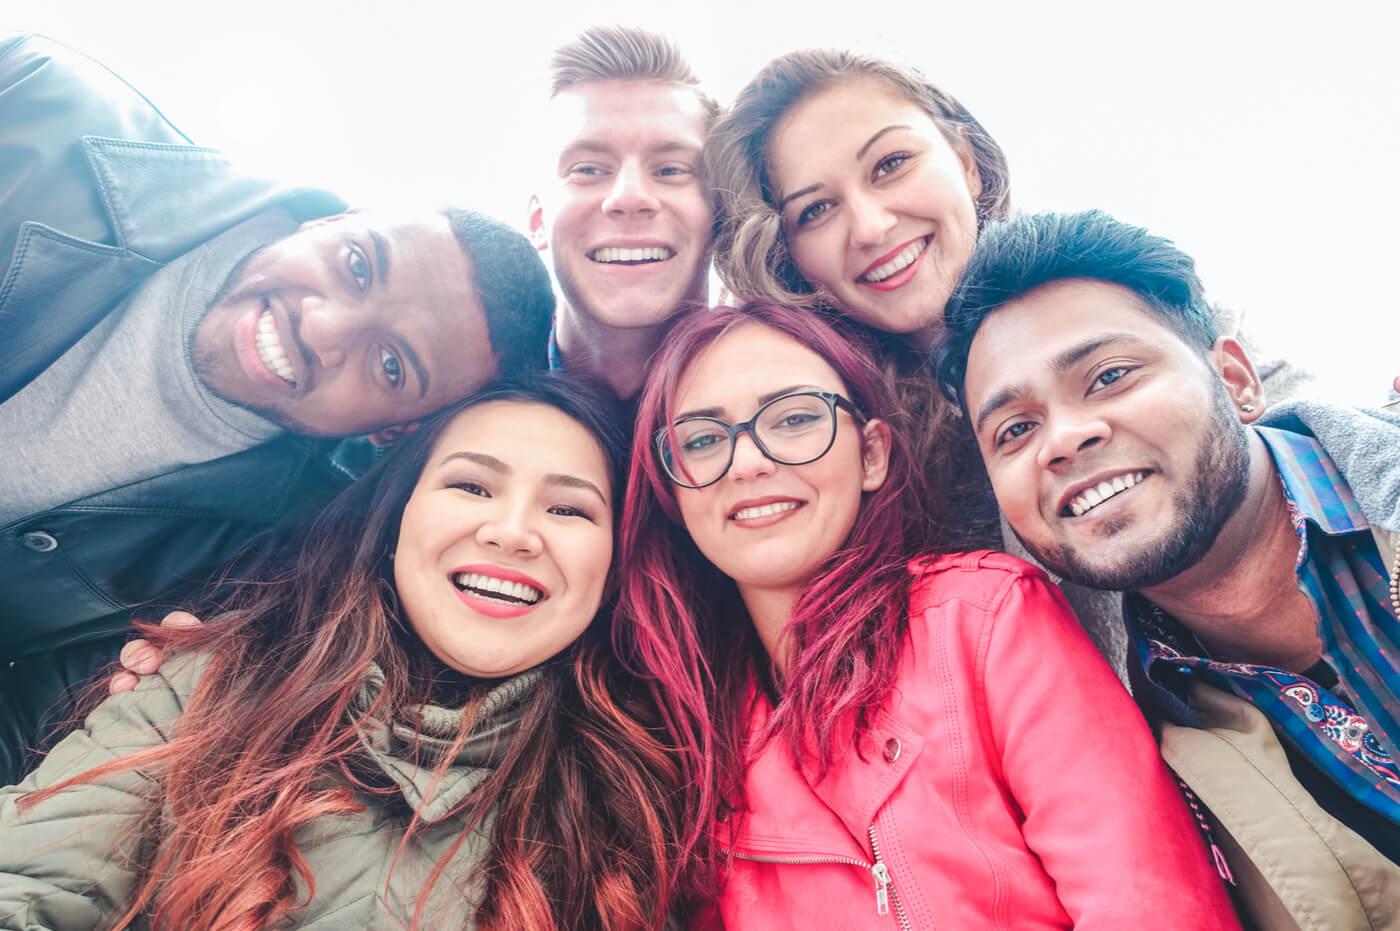 Kollektiv narsissisme – Grupper som elsker seg selv